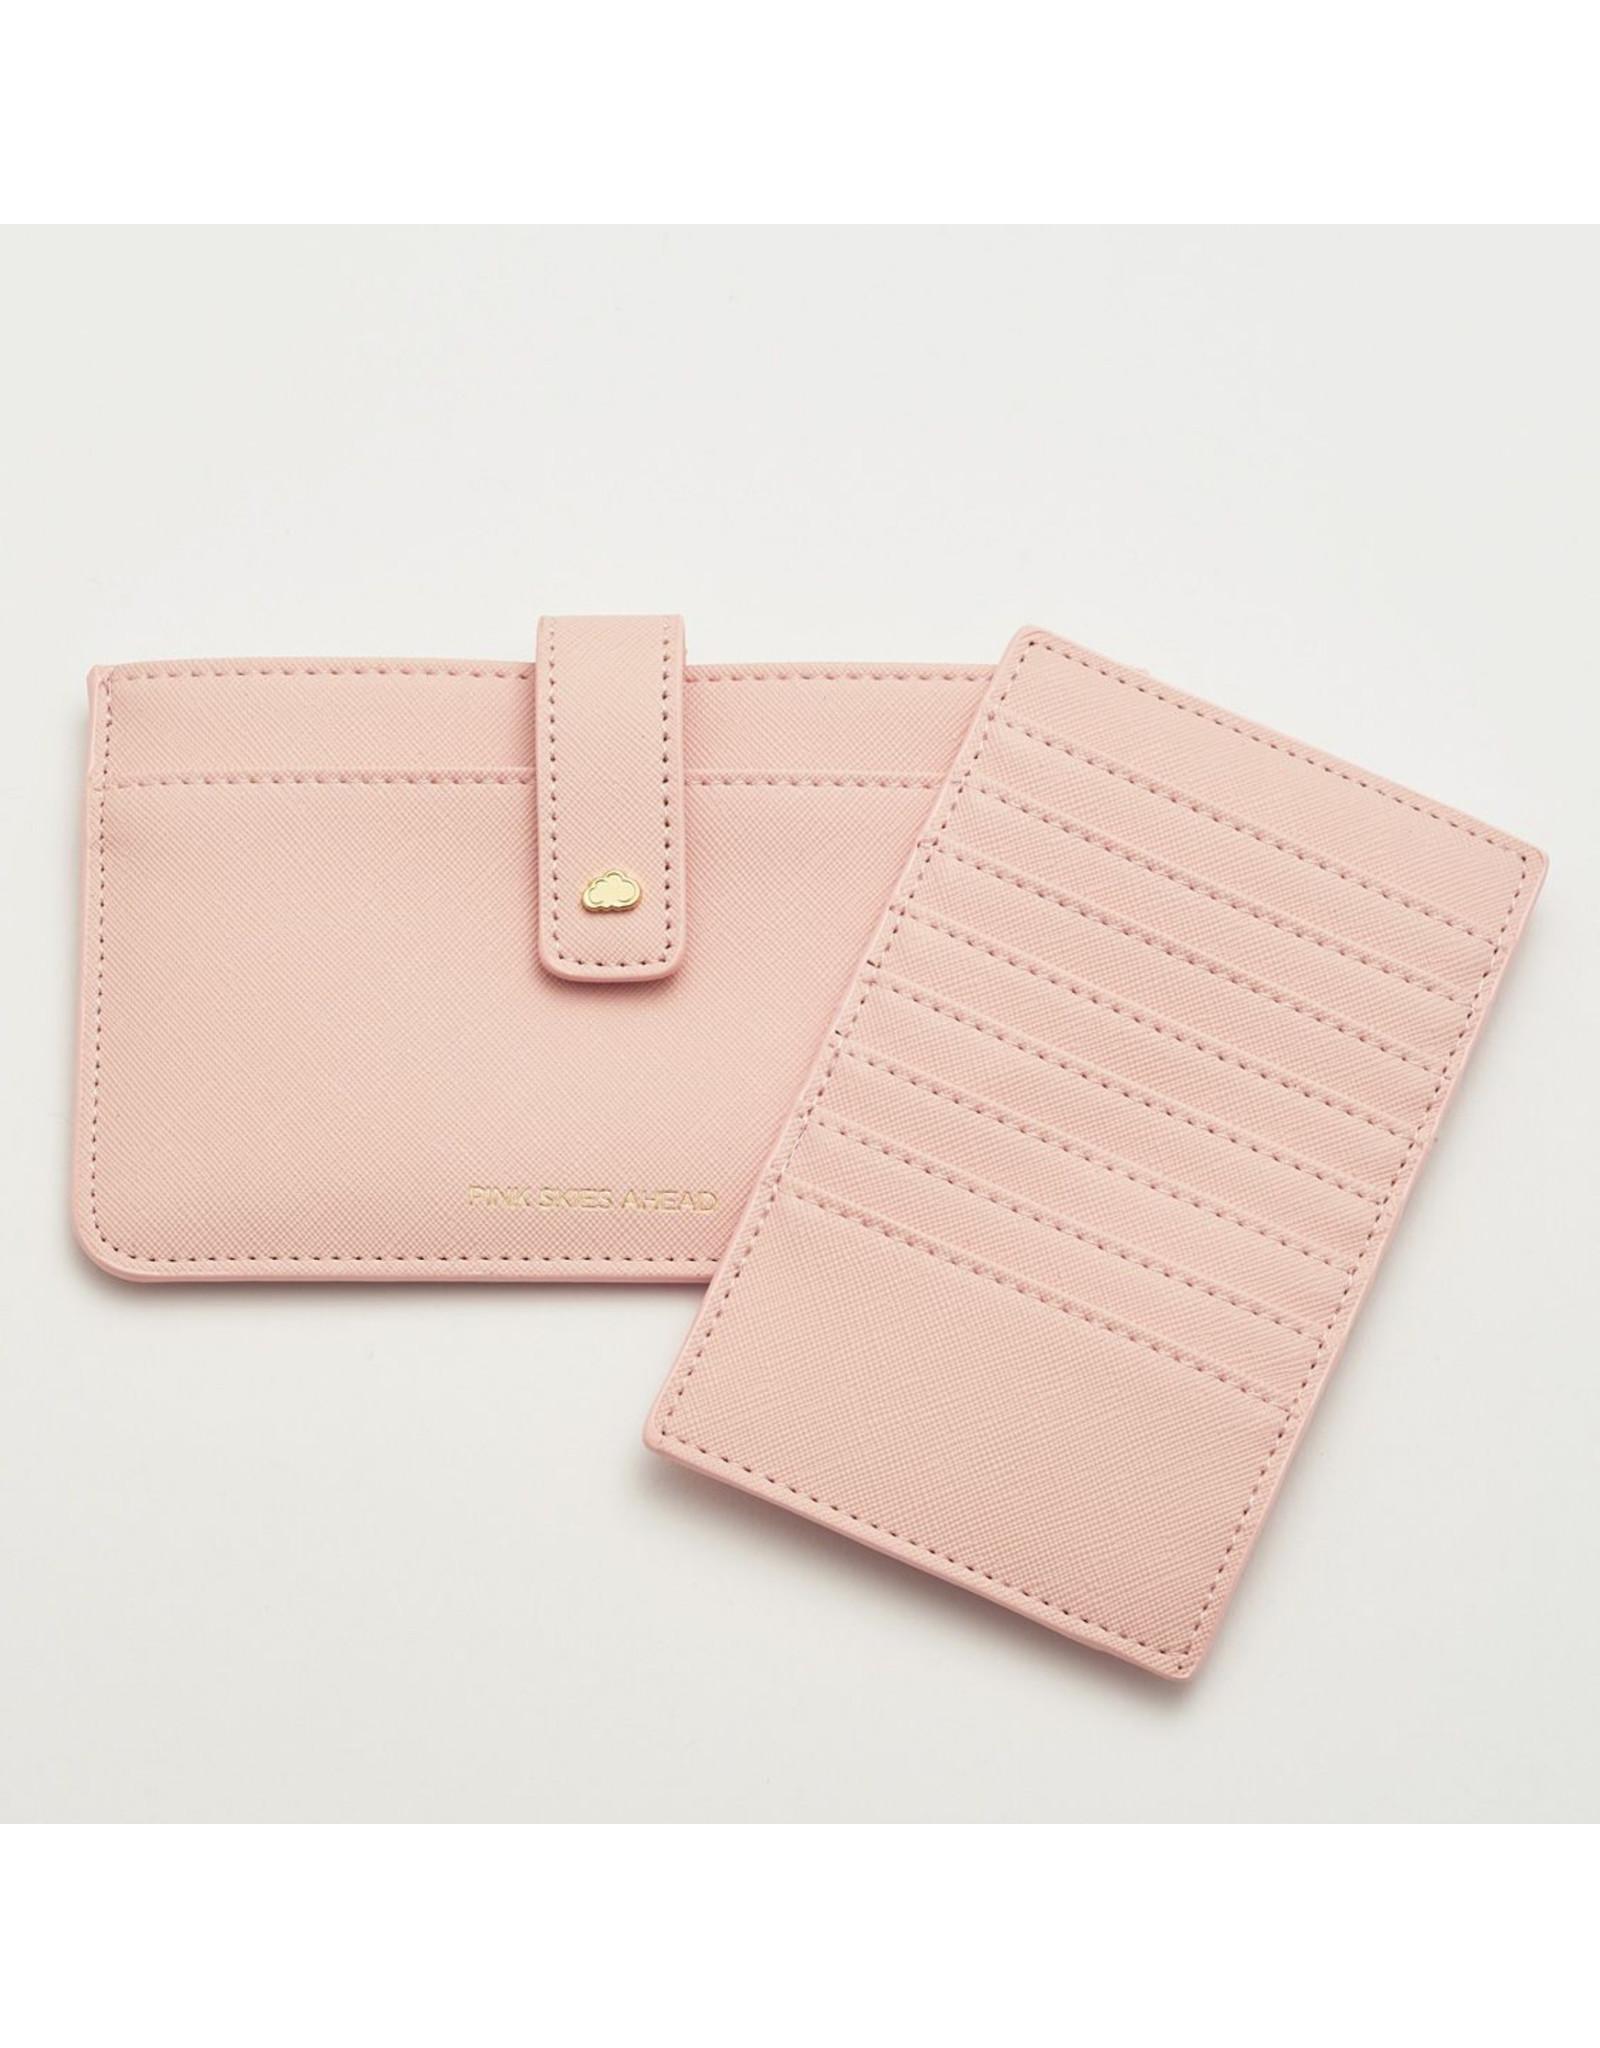 Estella Bartlett Kaarthouder Large - Pink skies Ahead - Blush